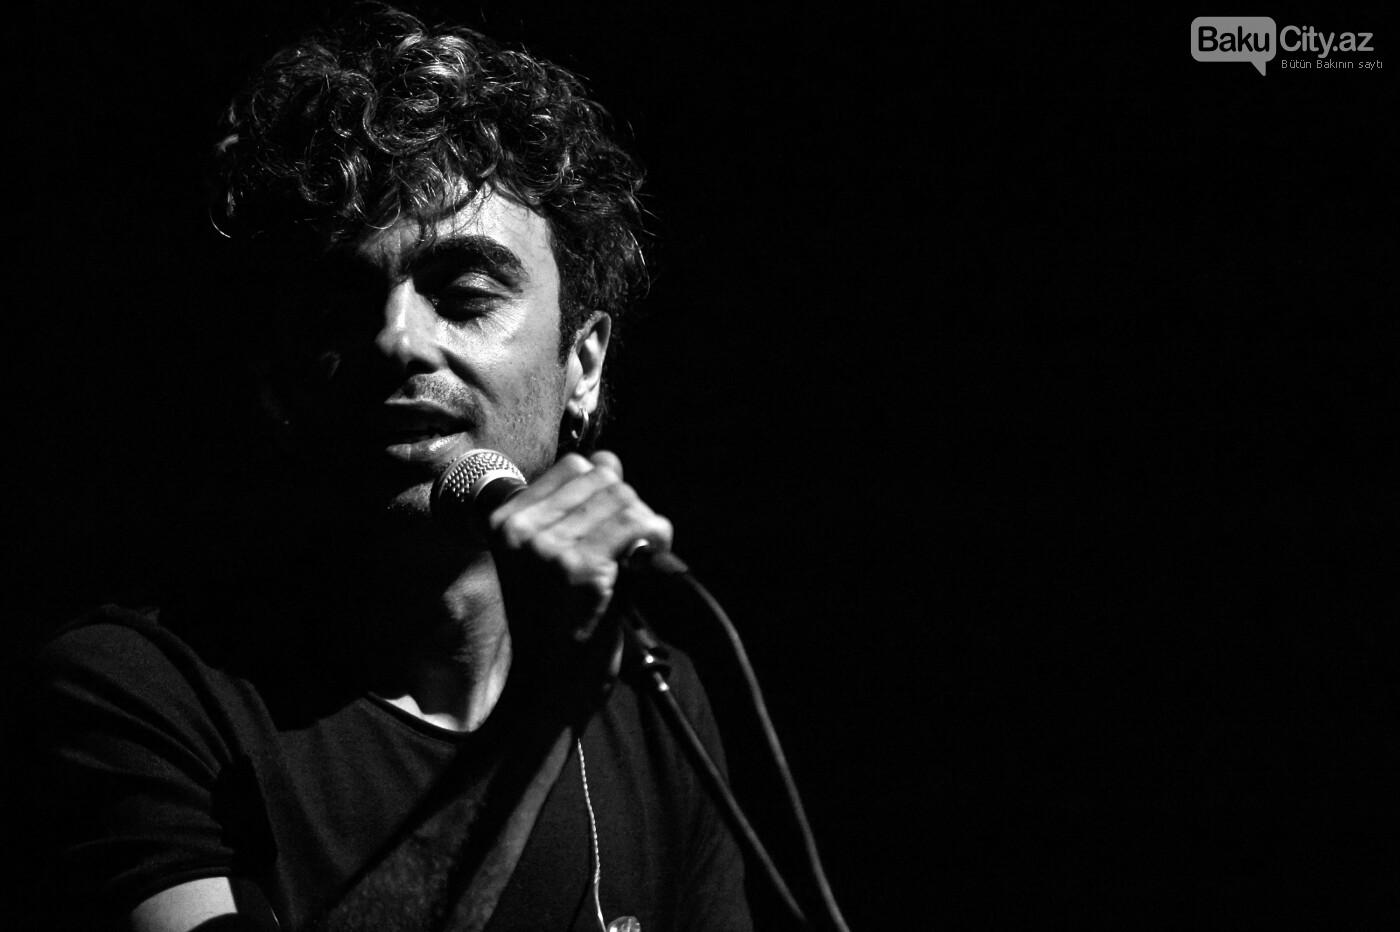 İsrailli musiqiçi Bakıda konsert verdi - FOTO, fotoşəkil-5